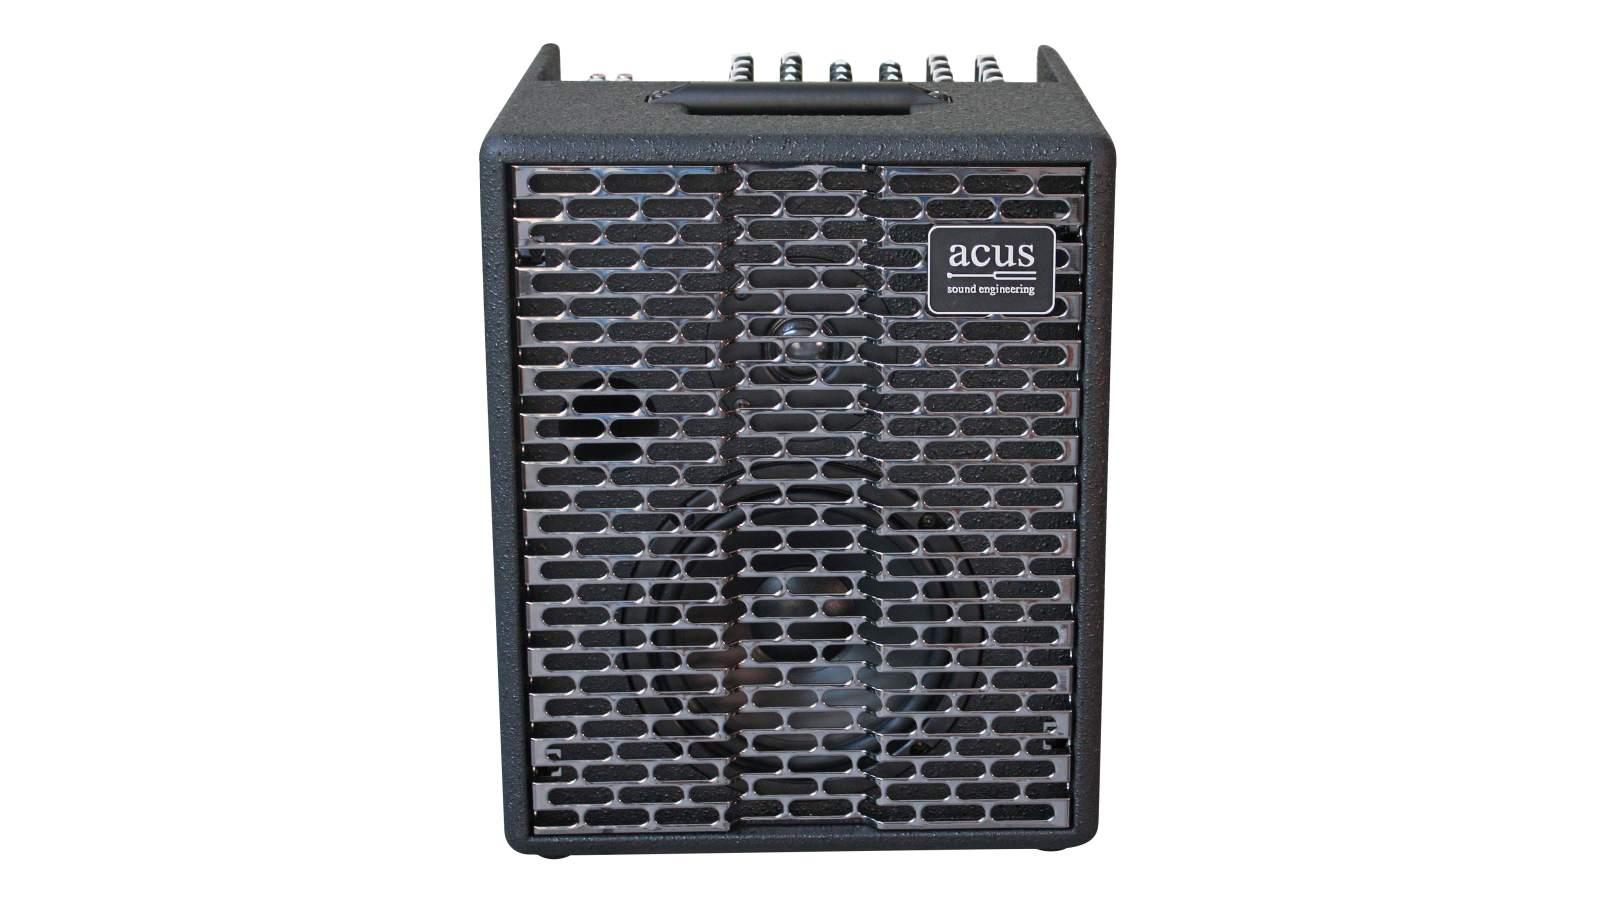 ACUS ONE-6T Simon Black Akustikverstärker